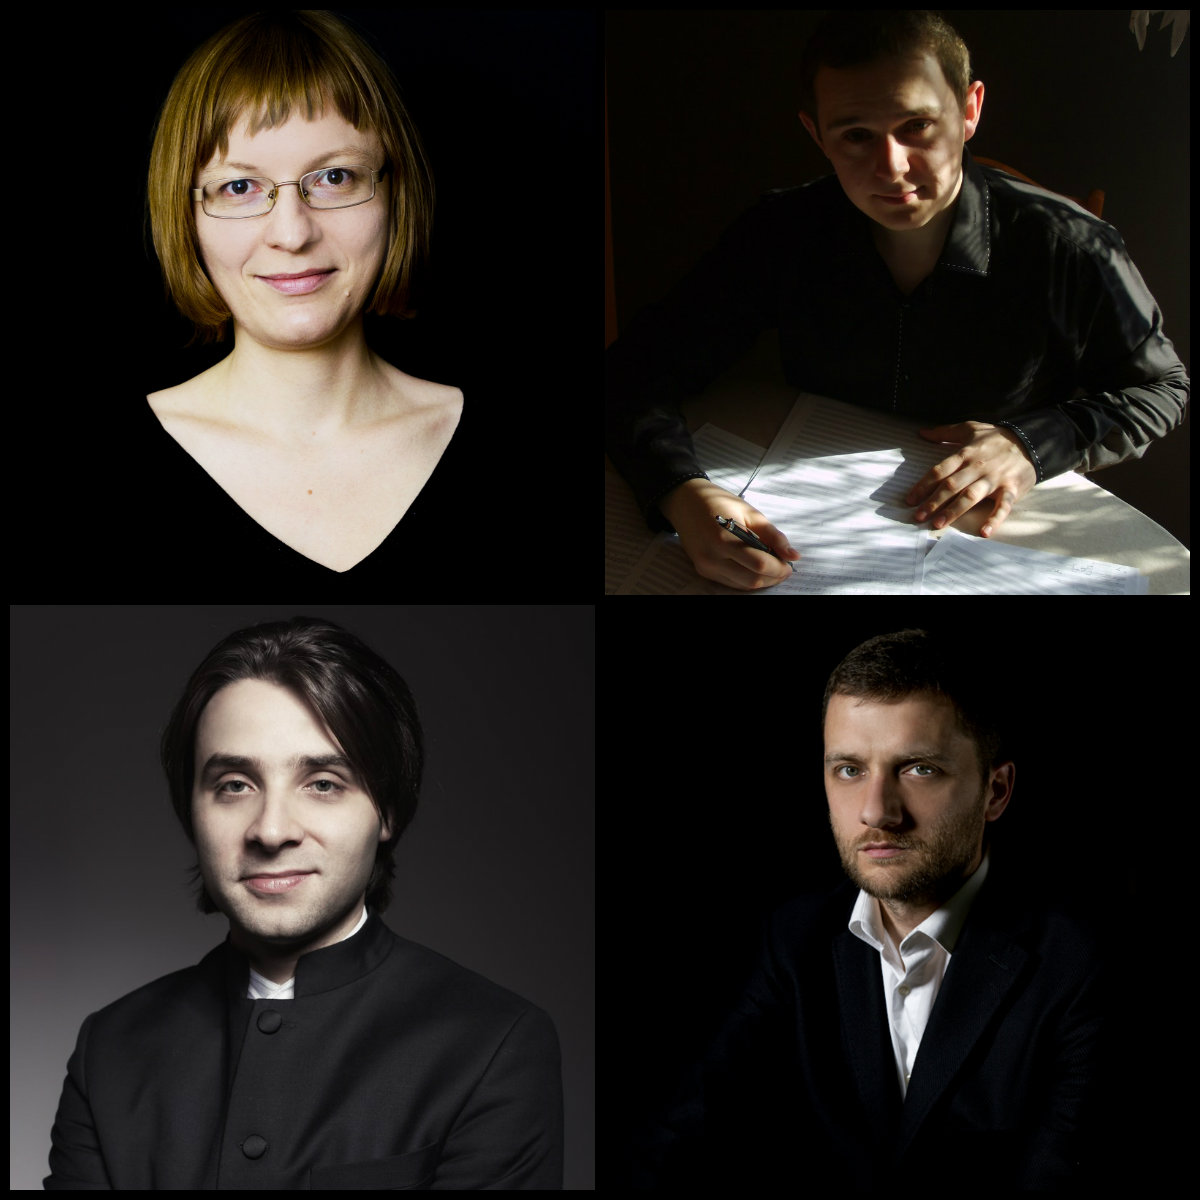 II_etap_-_uczestnicy_konkursu_kompozytorskiego_na_opere_